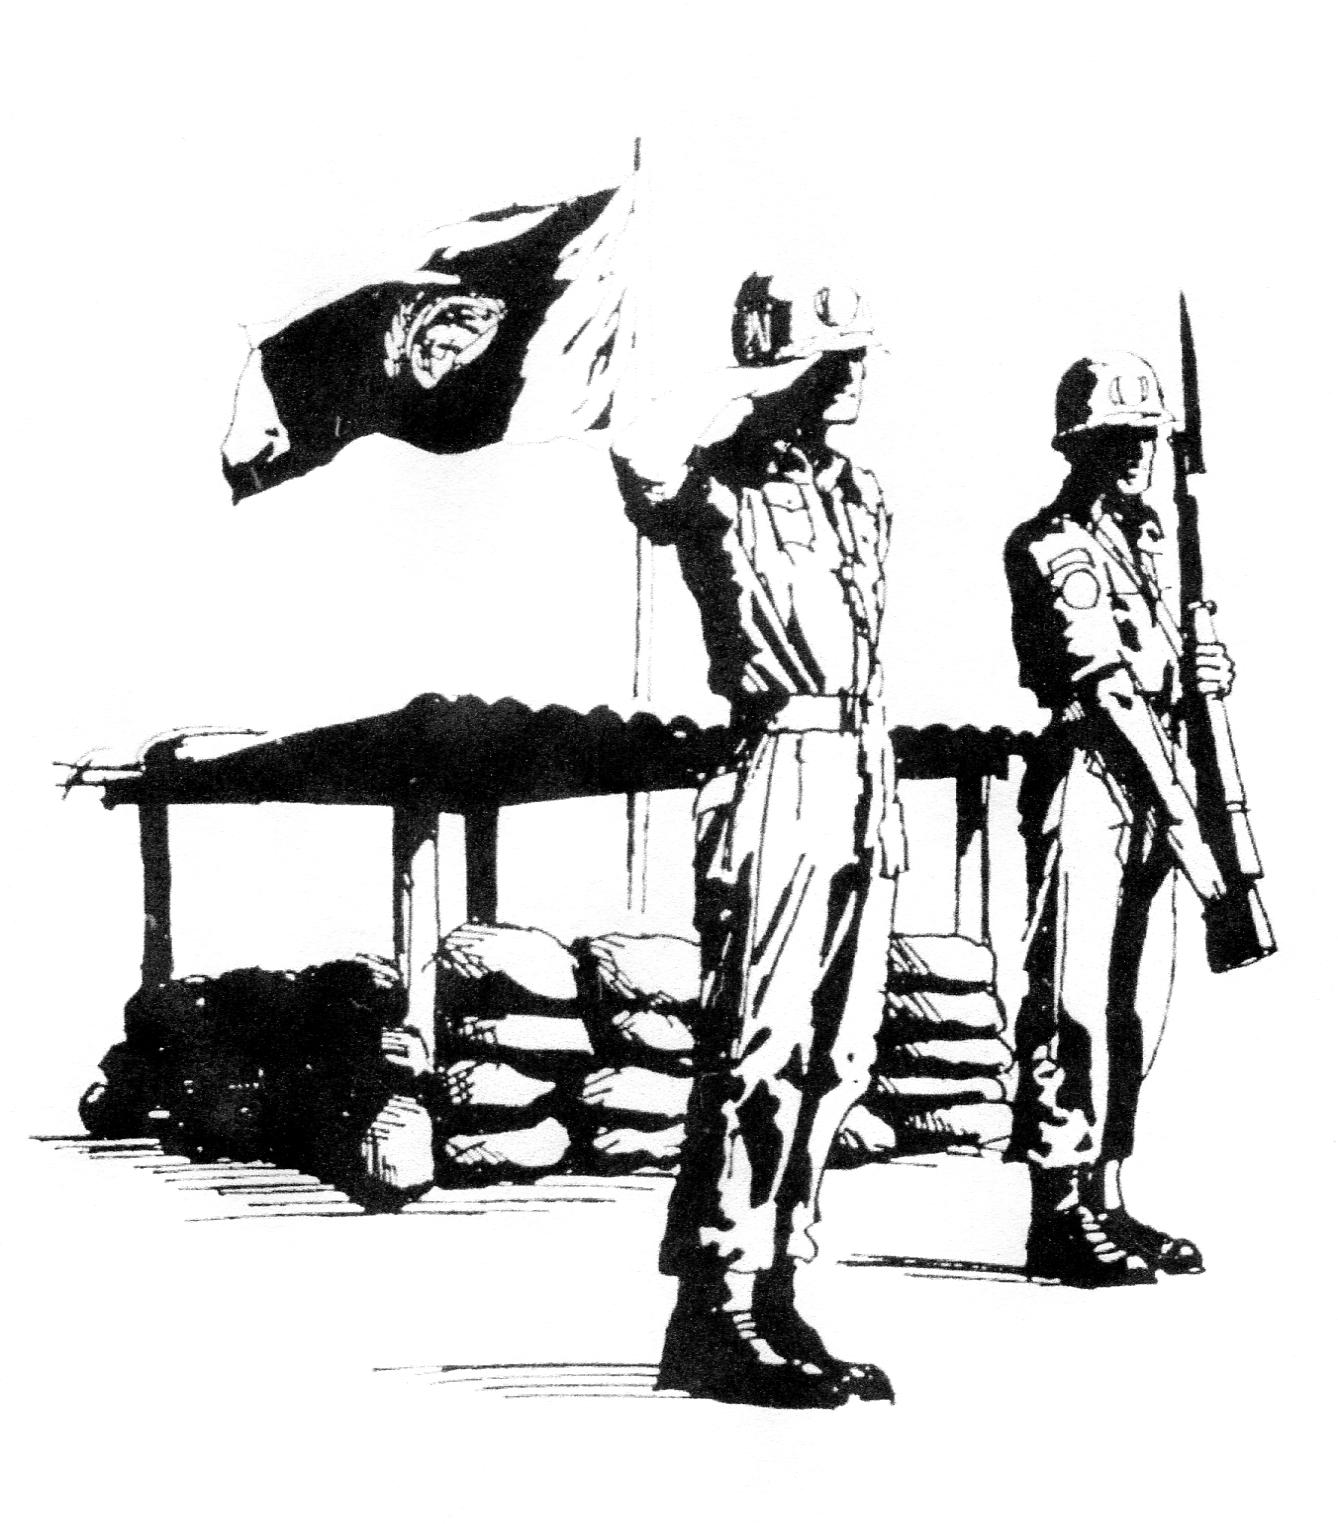 FN vagter jpg_001